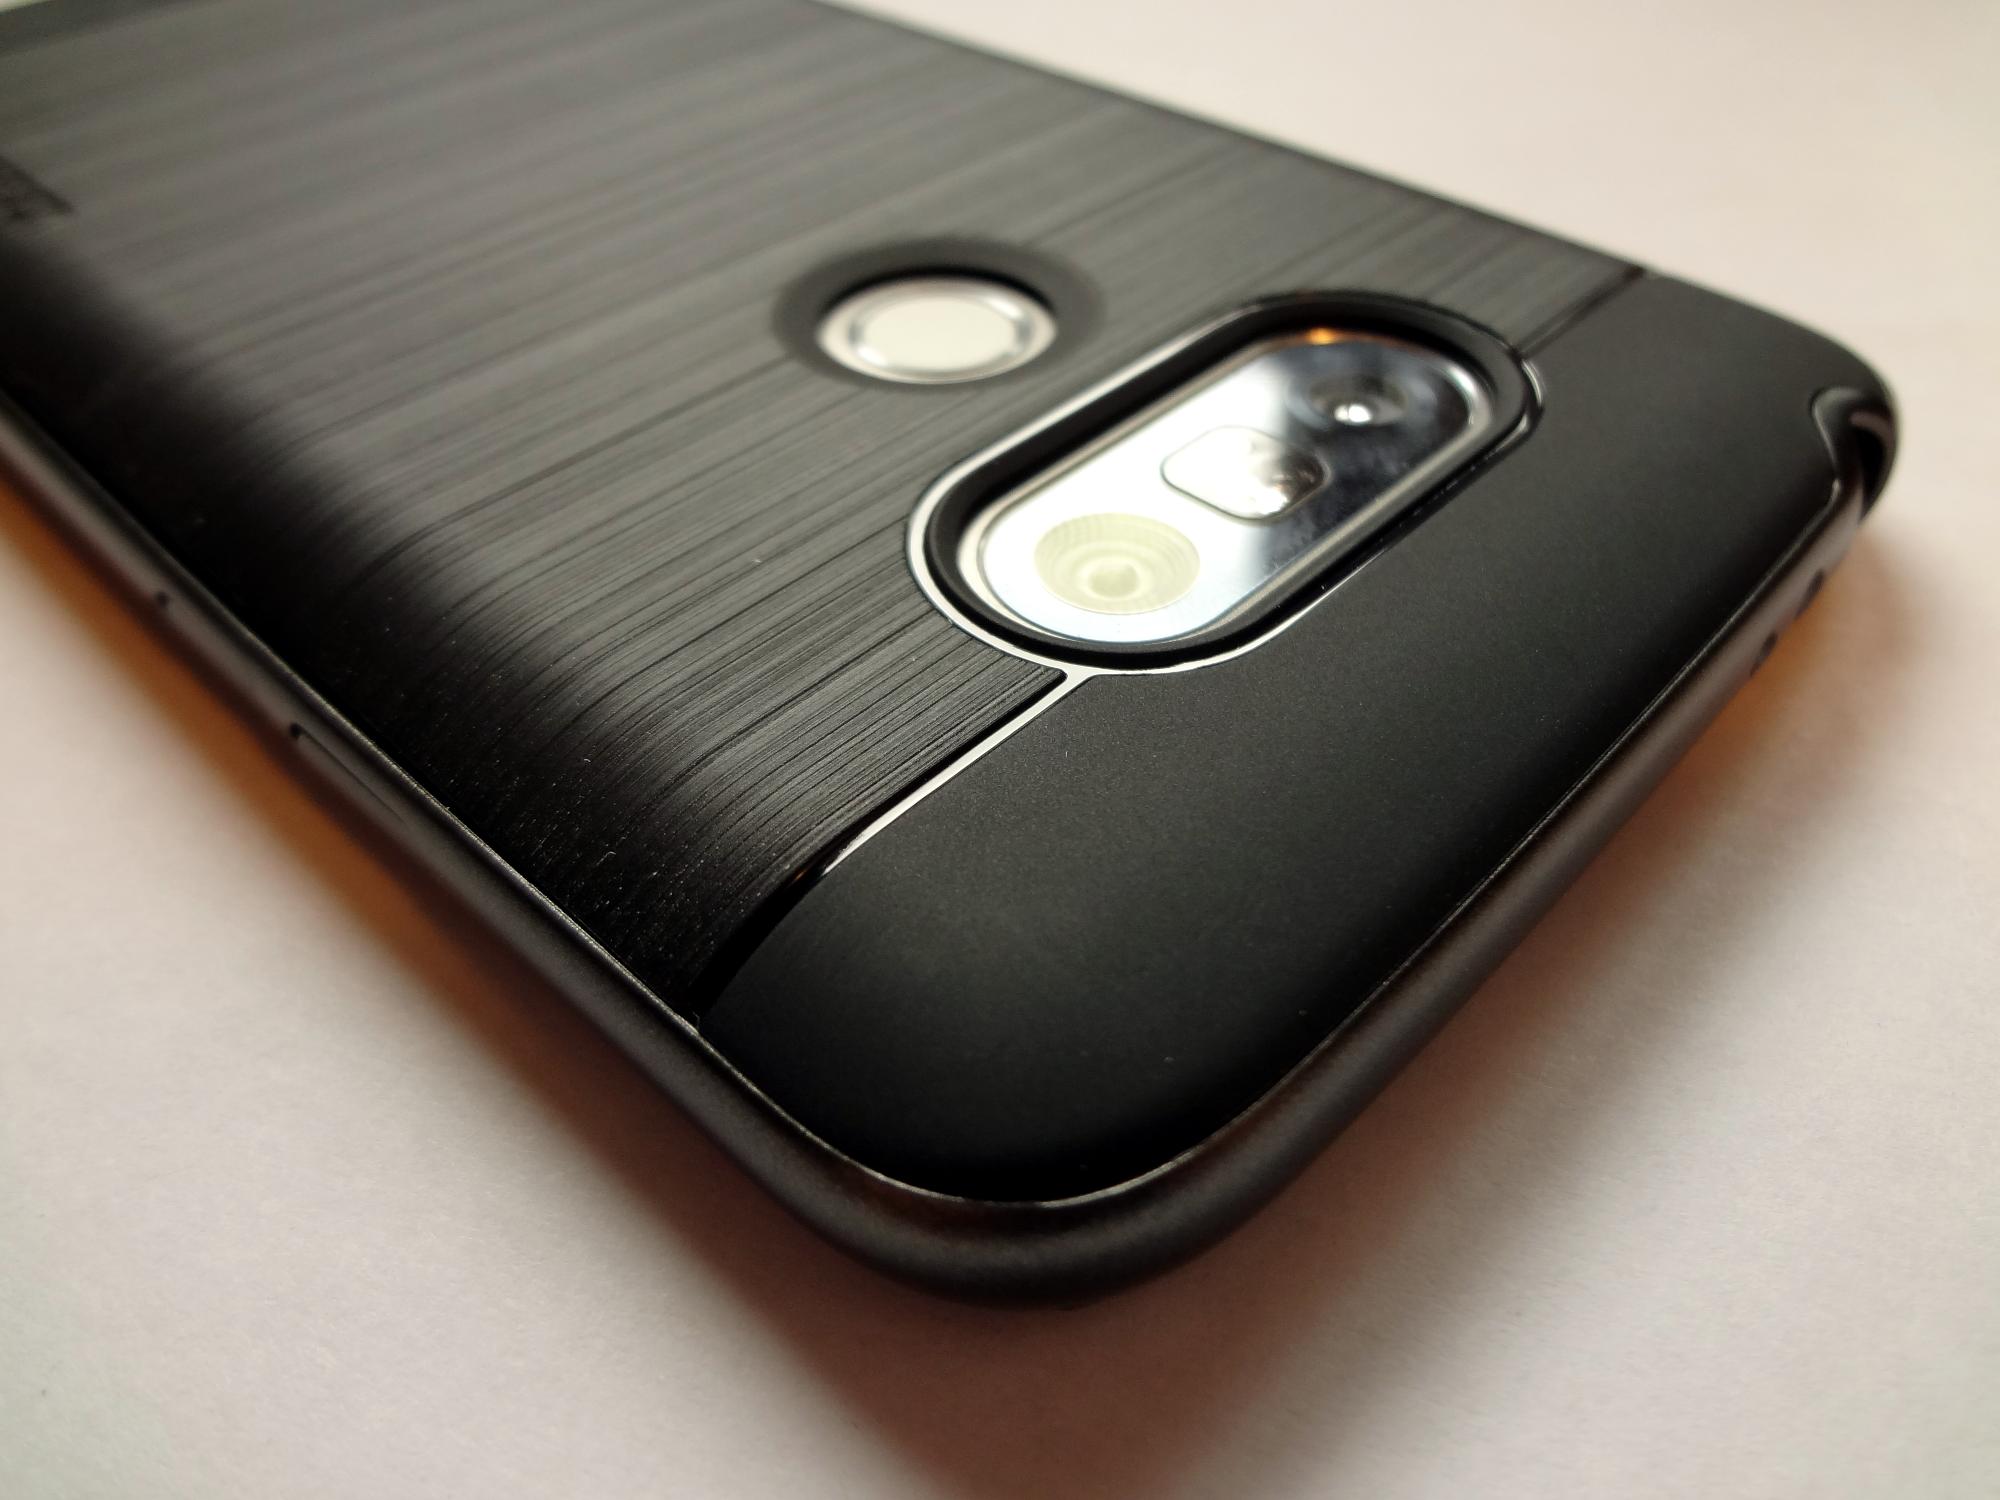 d7028859dbc450 Best LG G5 Cases. VRS High Pro Shield. g5 high pro